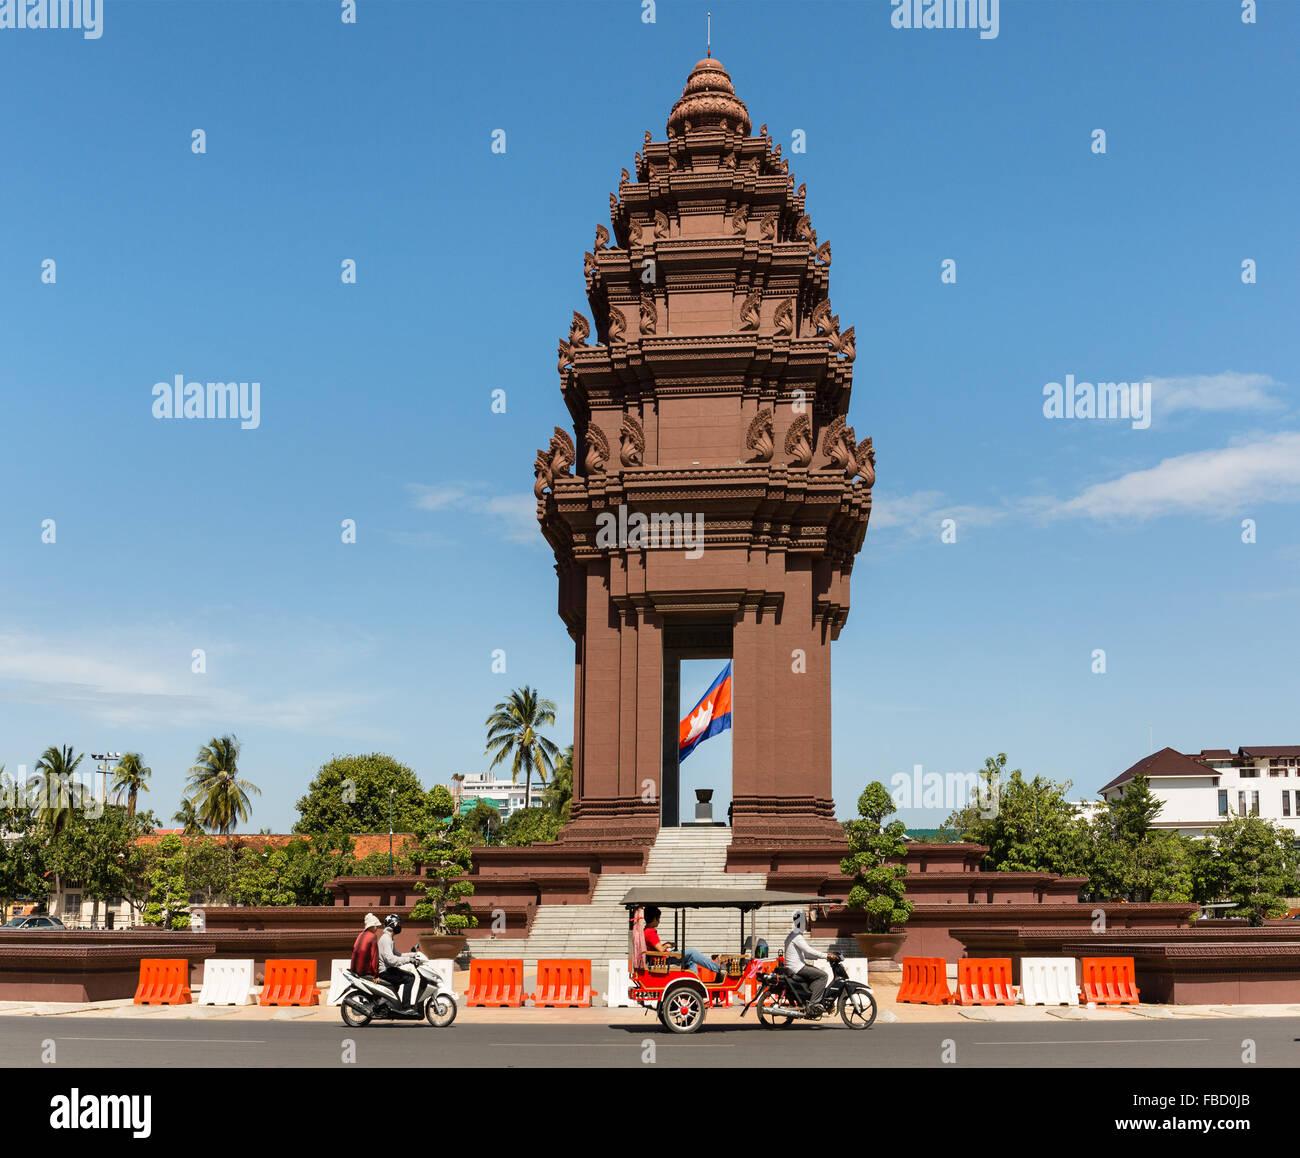 Rotonda en el Monumento de la independencia, tuk-tuk de taxi en Phnom Penh, Camboya Imagen De Stock